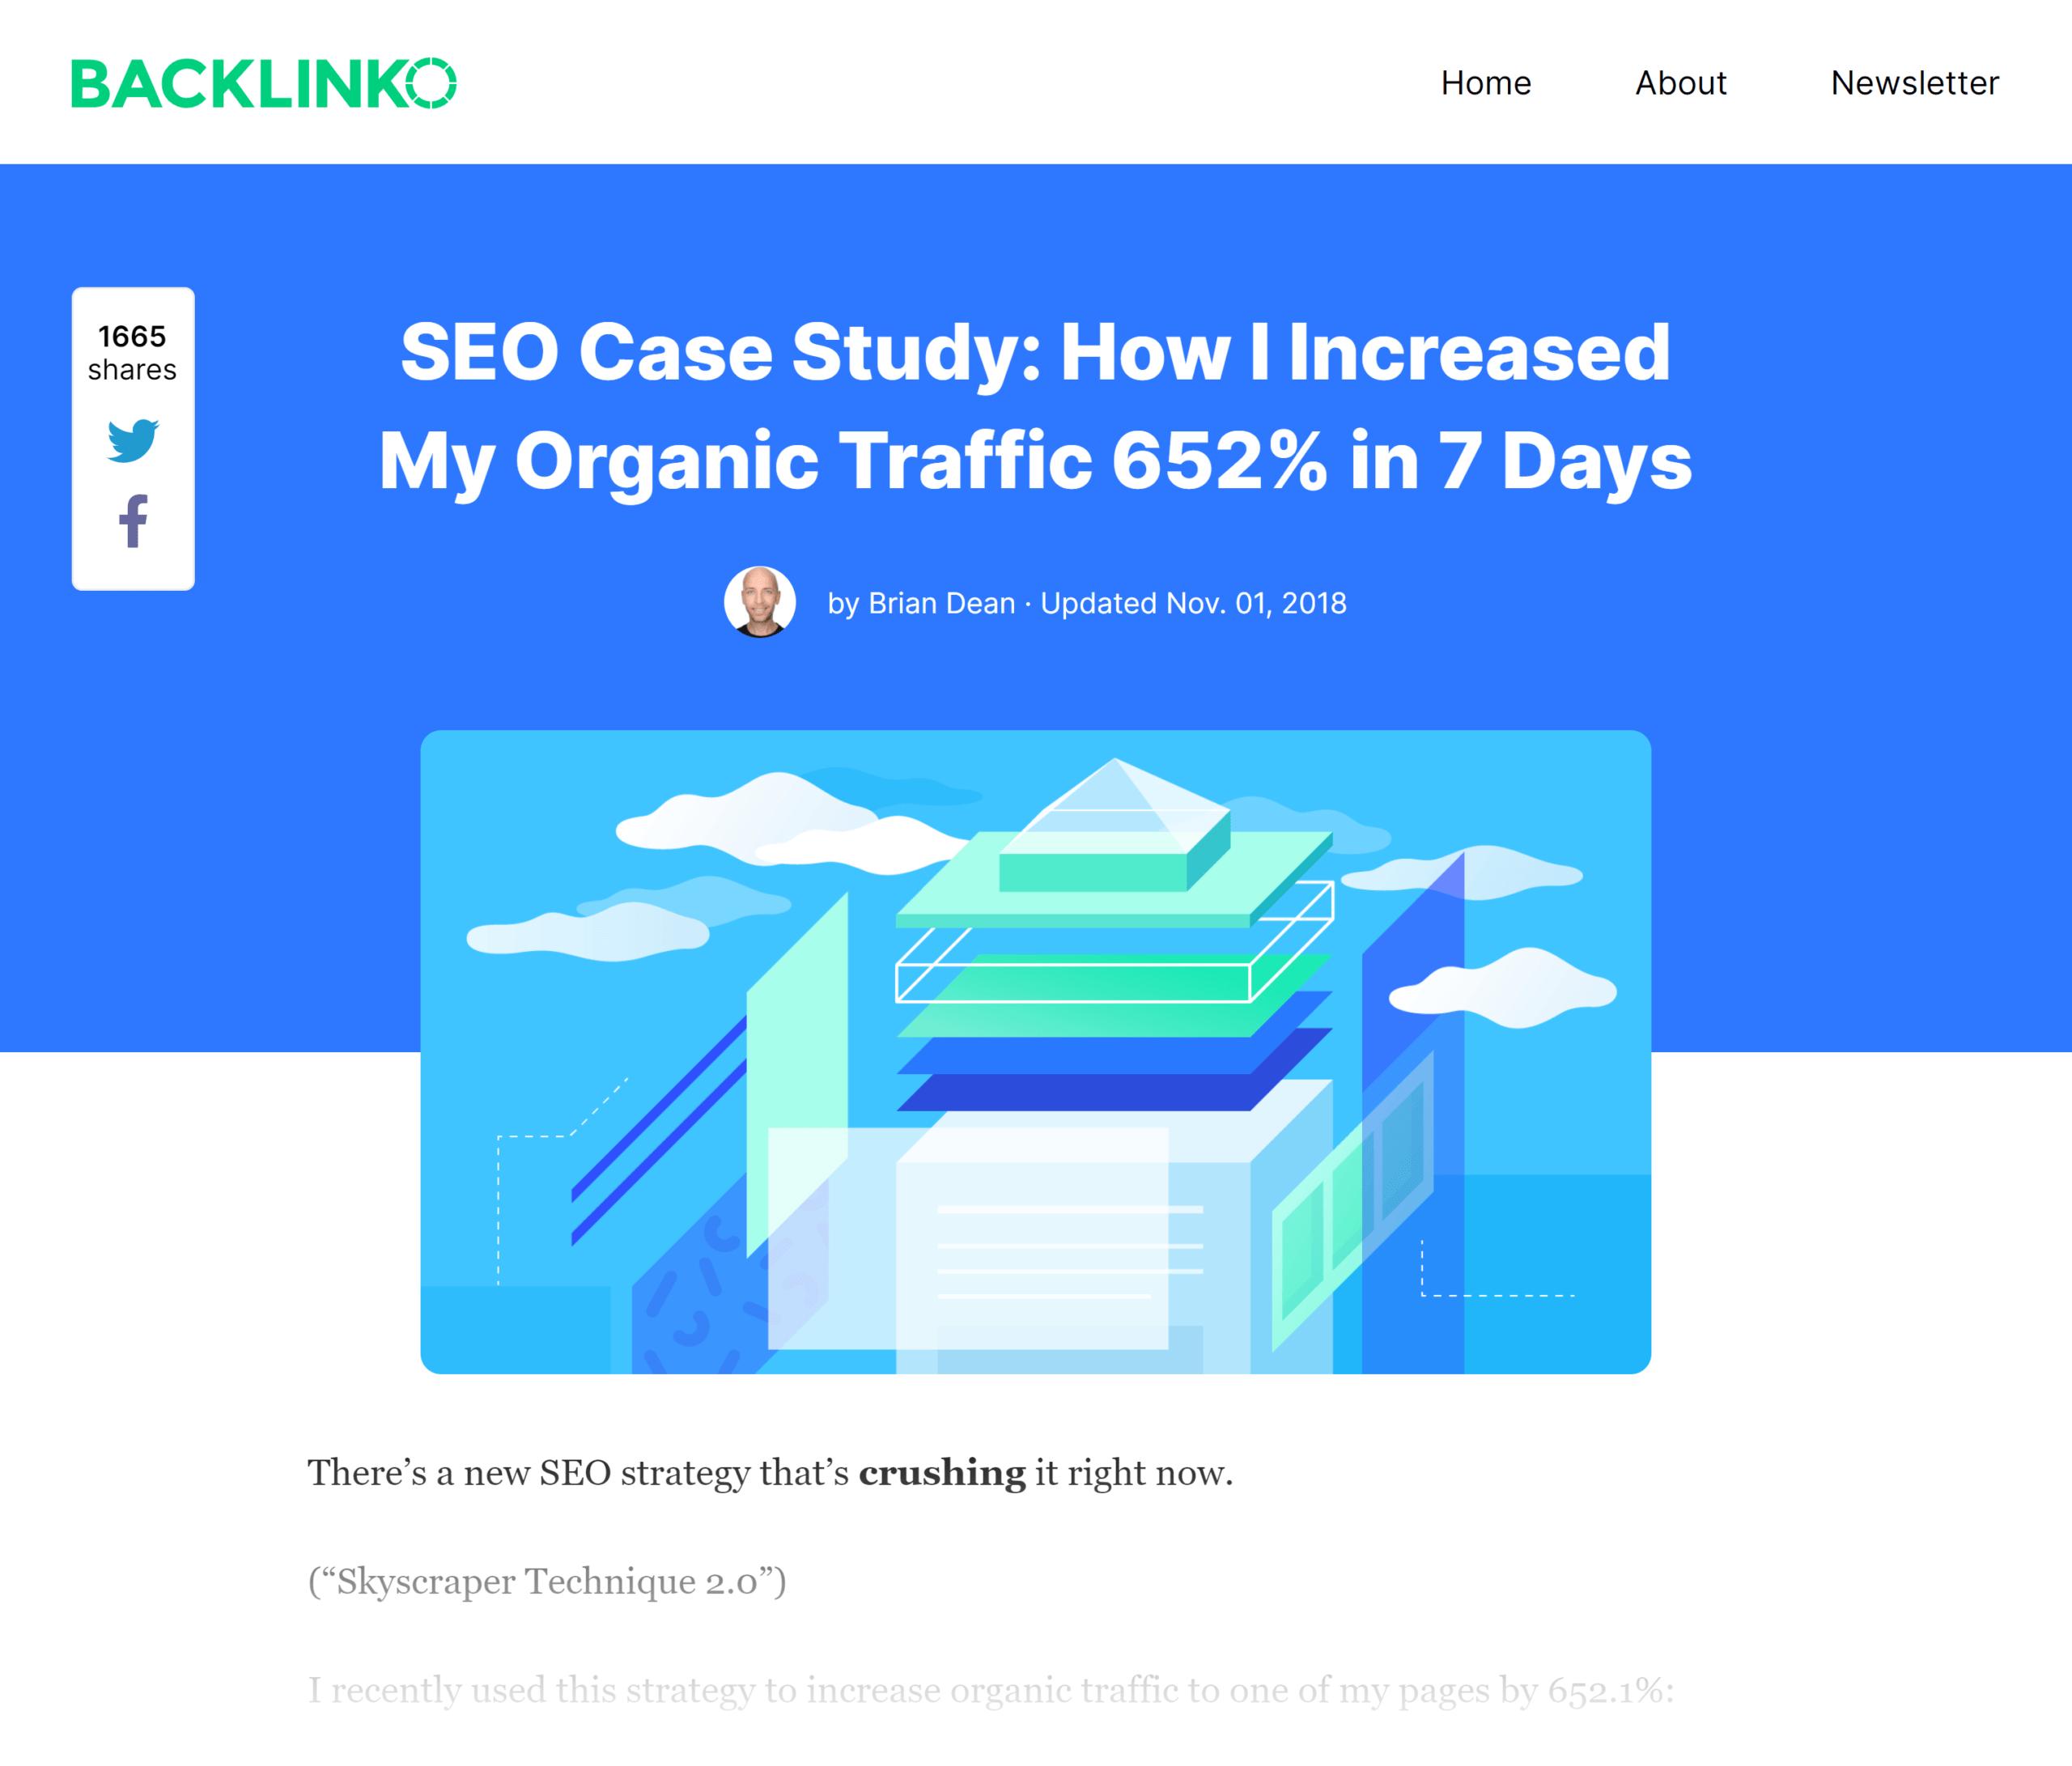 Backlinko – Skyscraper technique 2.0 post